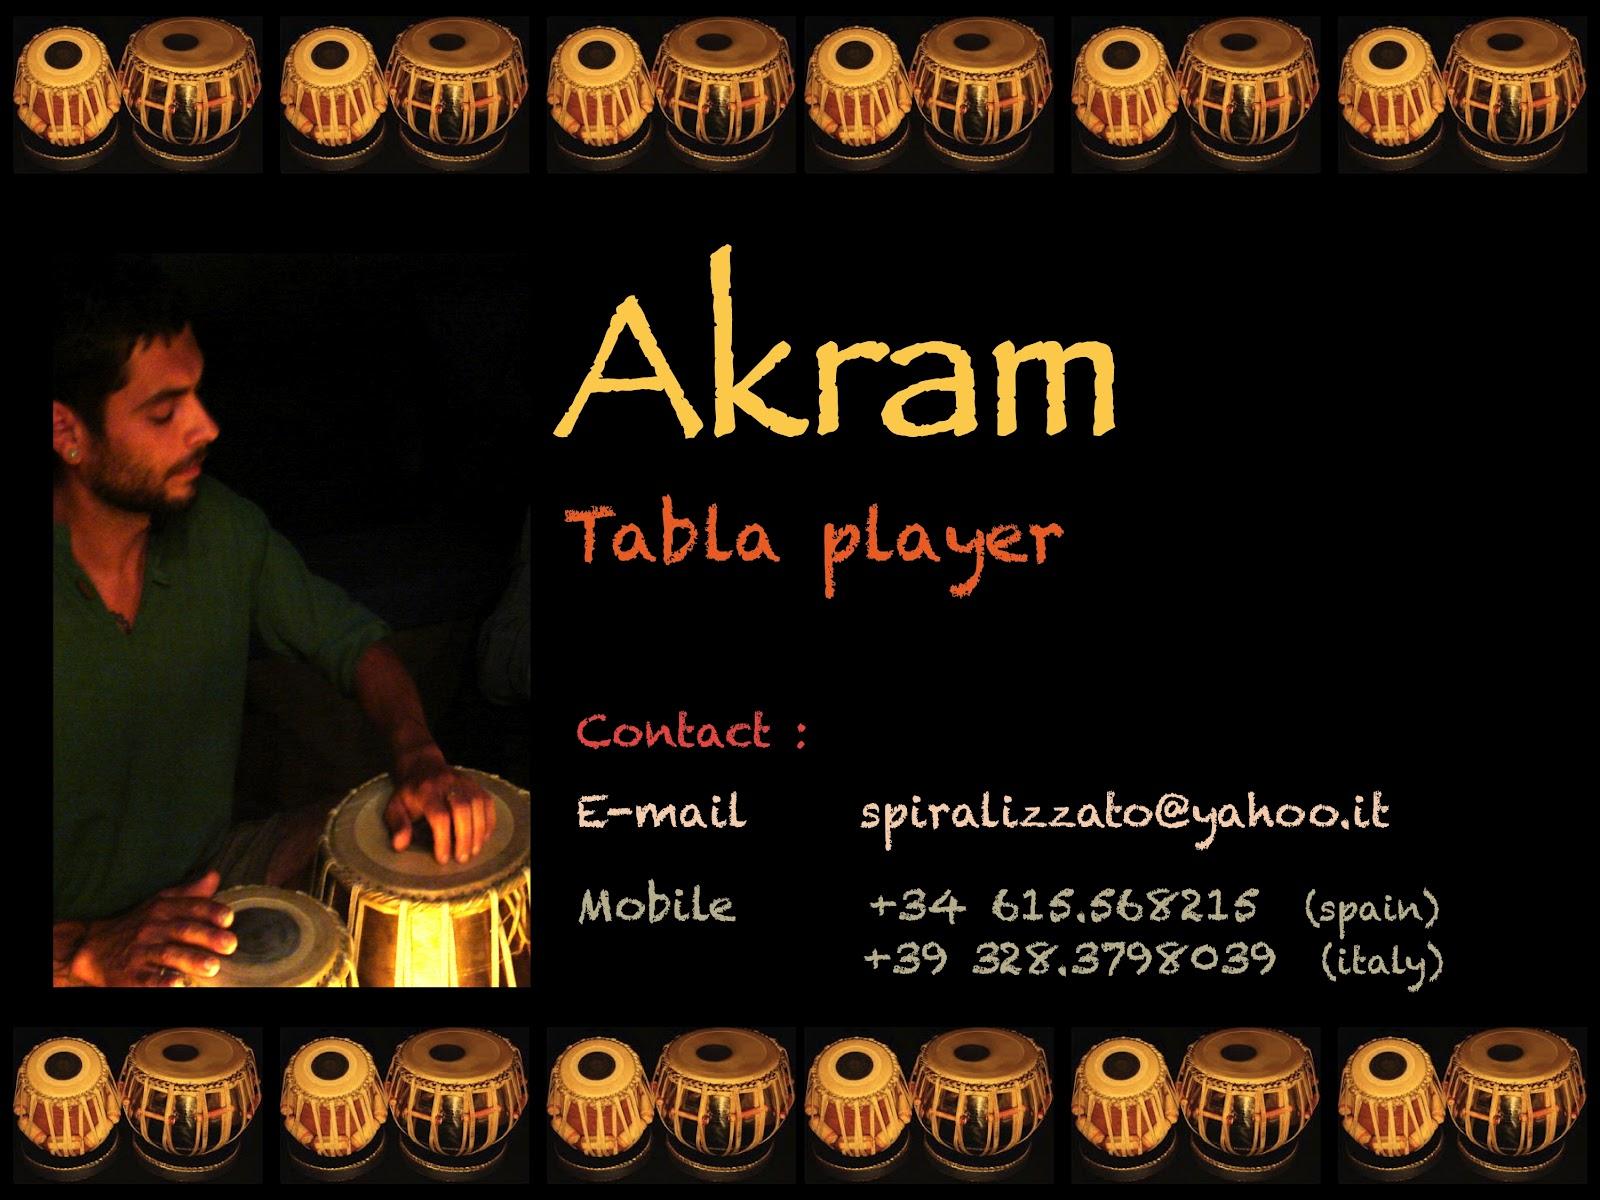 http://4.bp.blogspot.com/-F7qosa4q0fQ/UFJ42mtjoII/AAAAAAAAFS0/7q7SYcN_sTg/s1600/akr.jpg